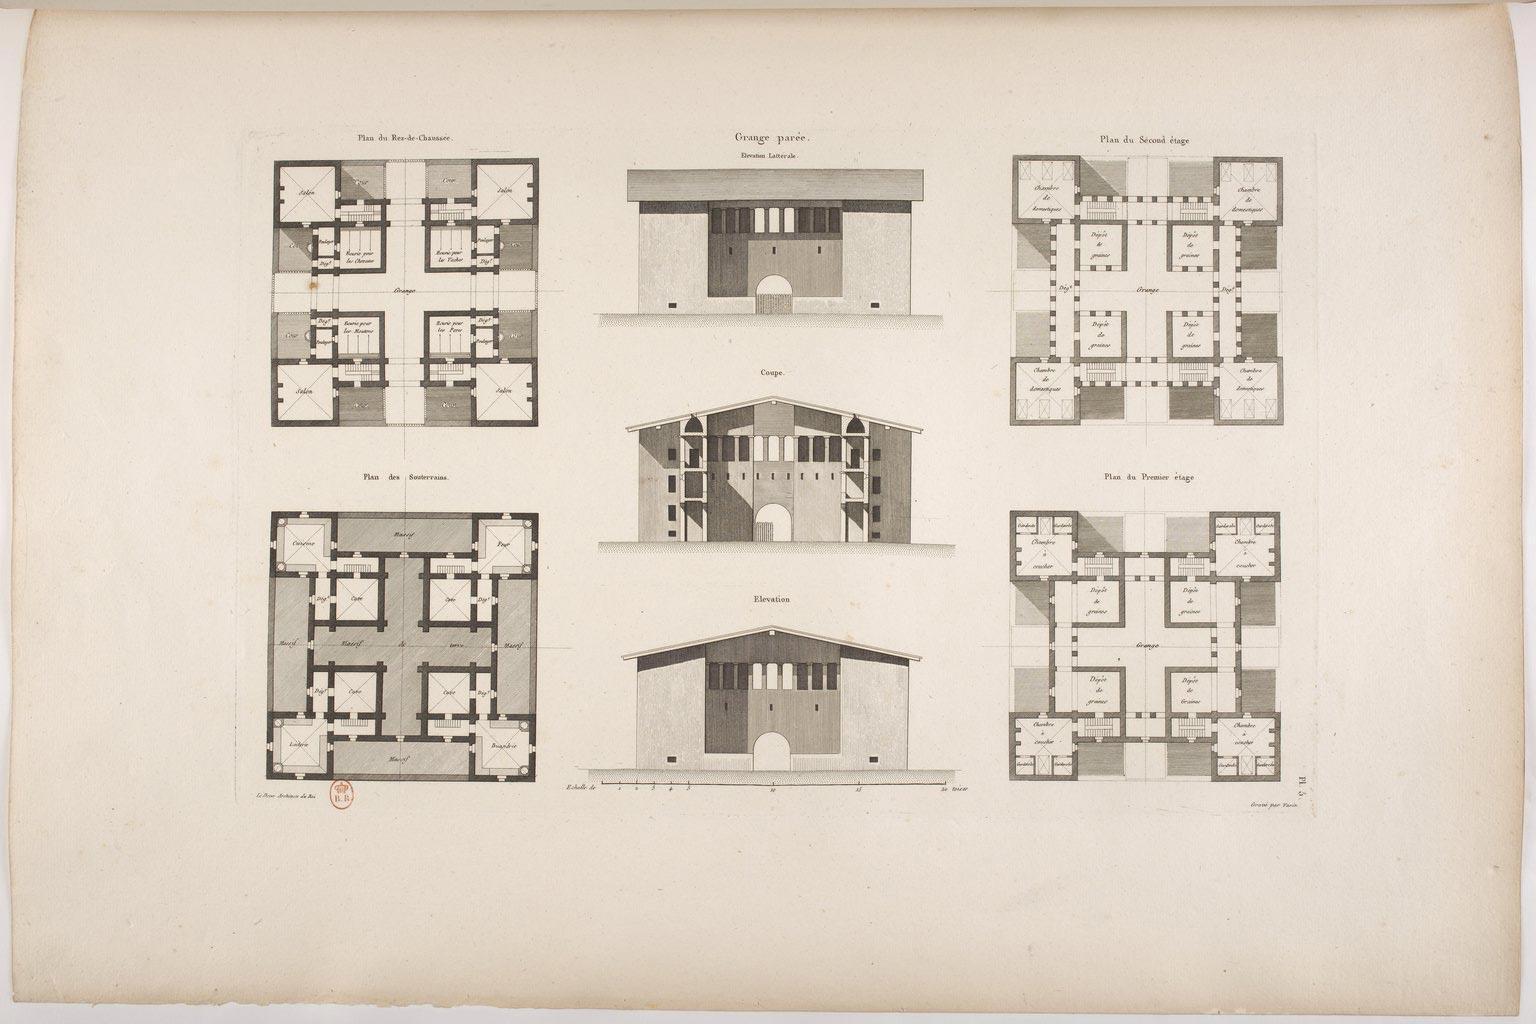 ledoux-claude-architecture-261